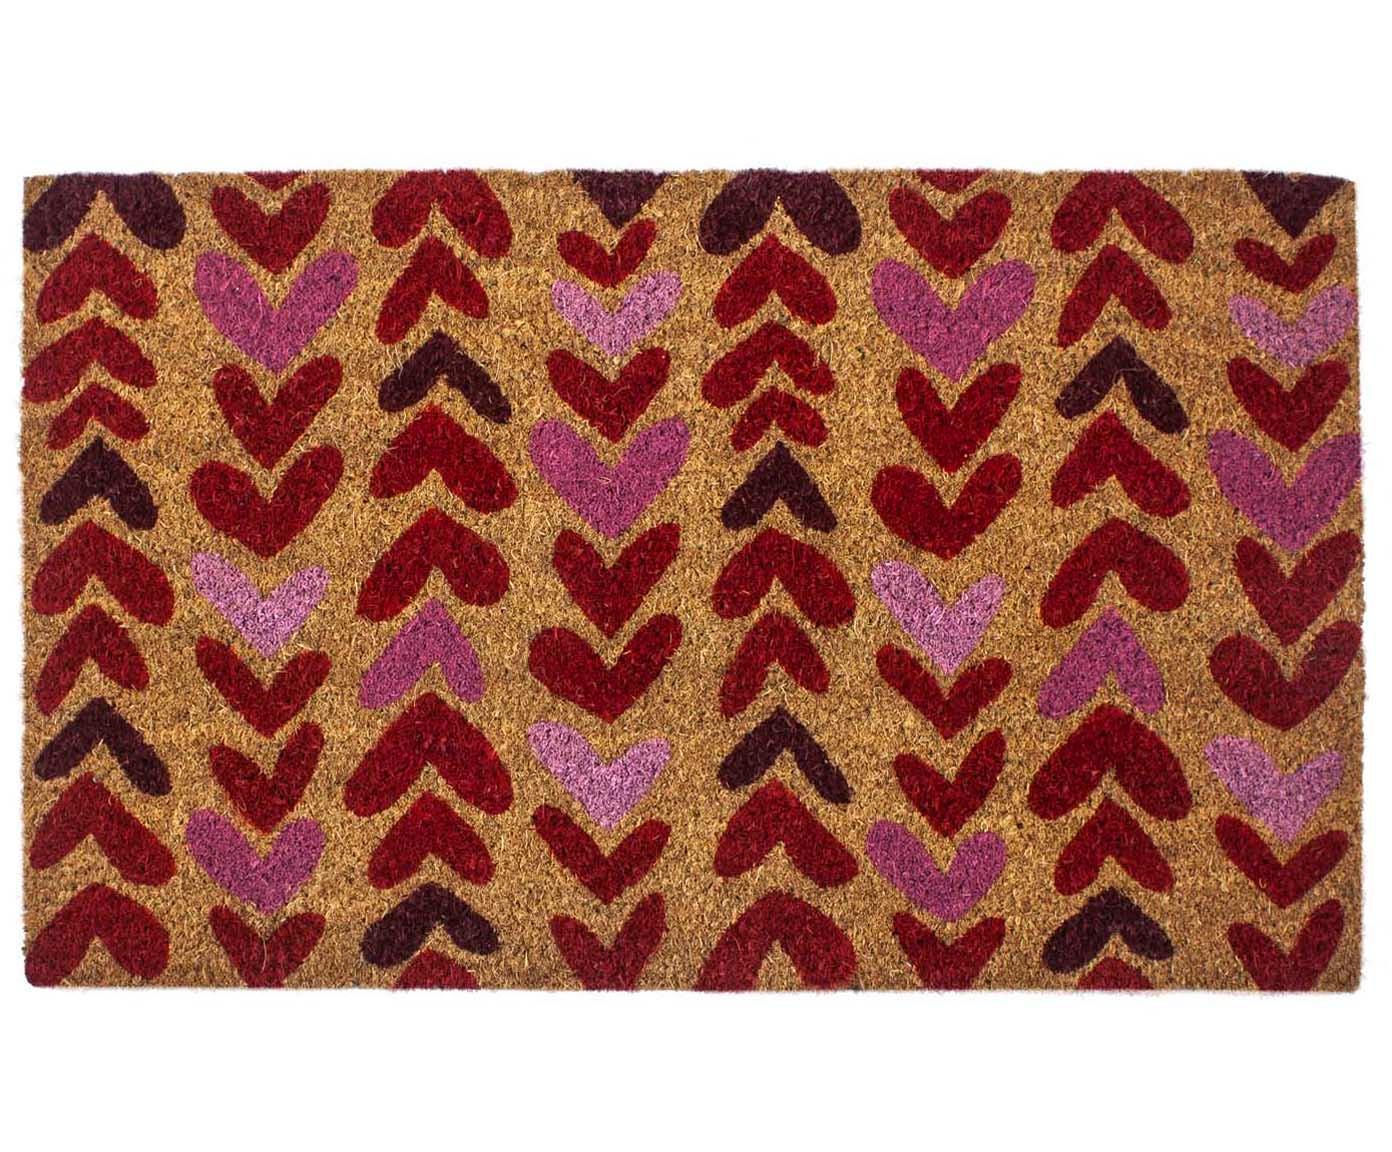 Wycieraczka Heartwood, Beżowy, czerwony, różowy, S 43 x D 70 cm